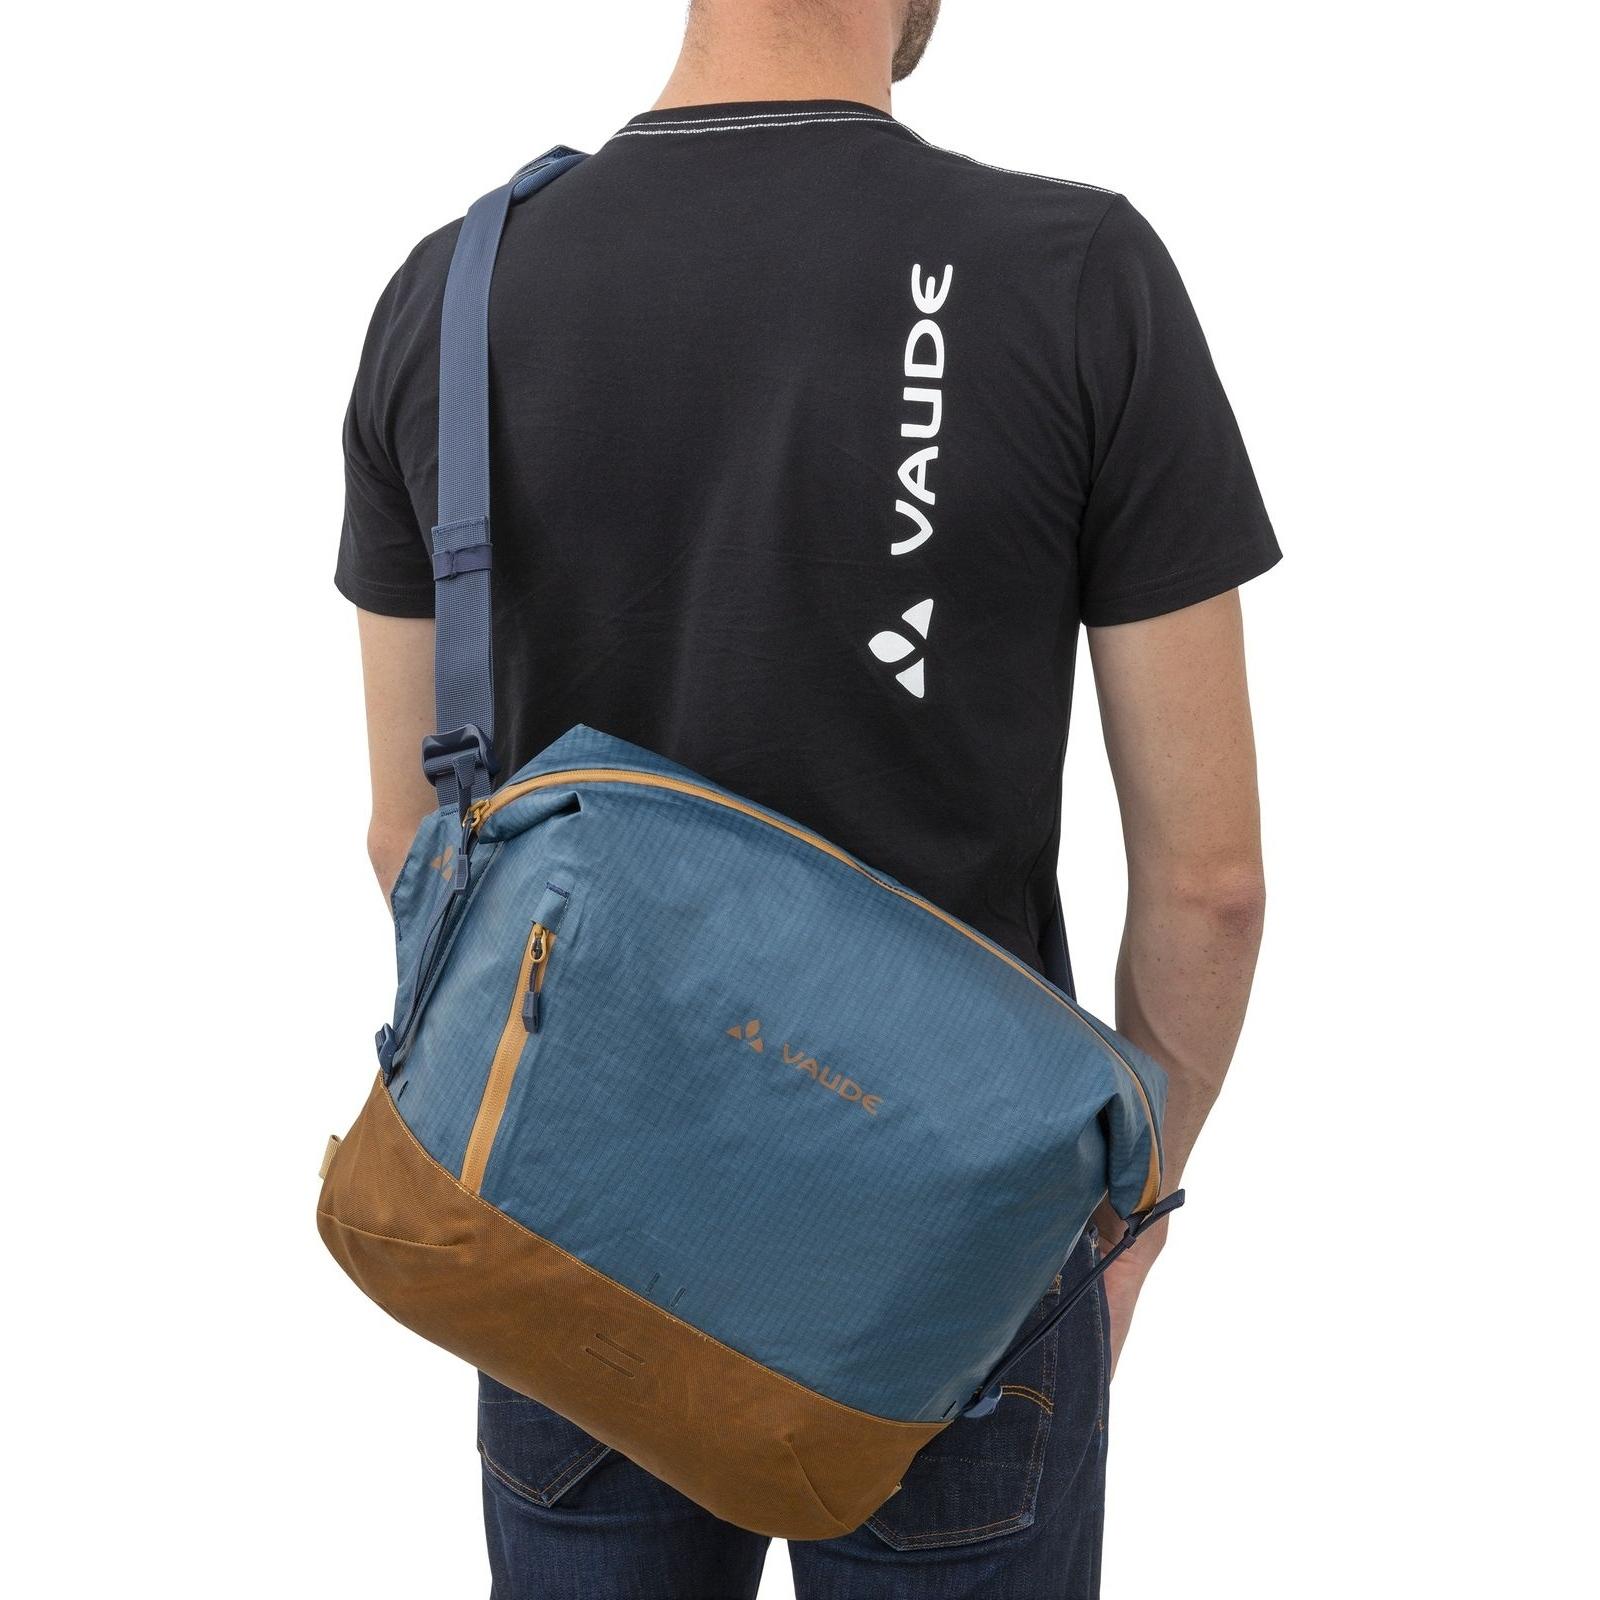 Image of Vaude CityMe Shoulder Bag - black